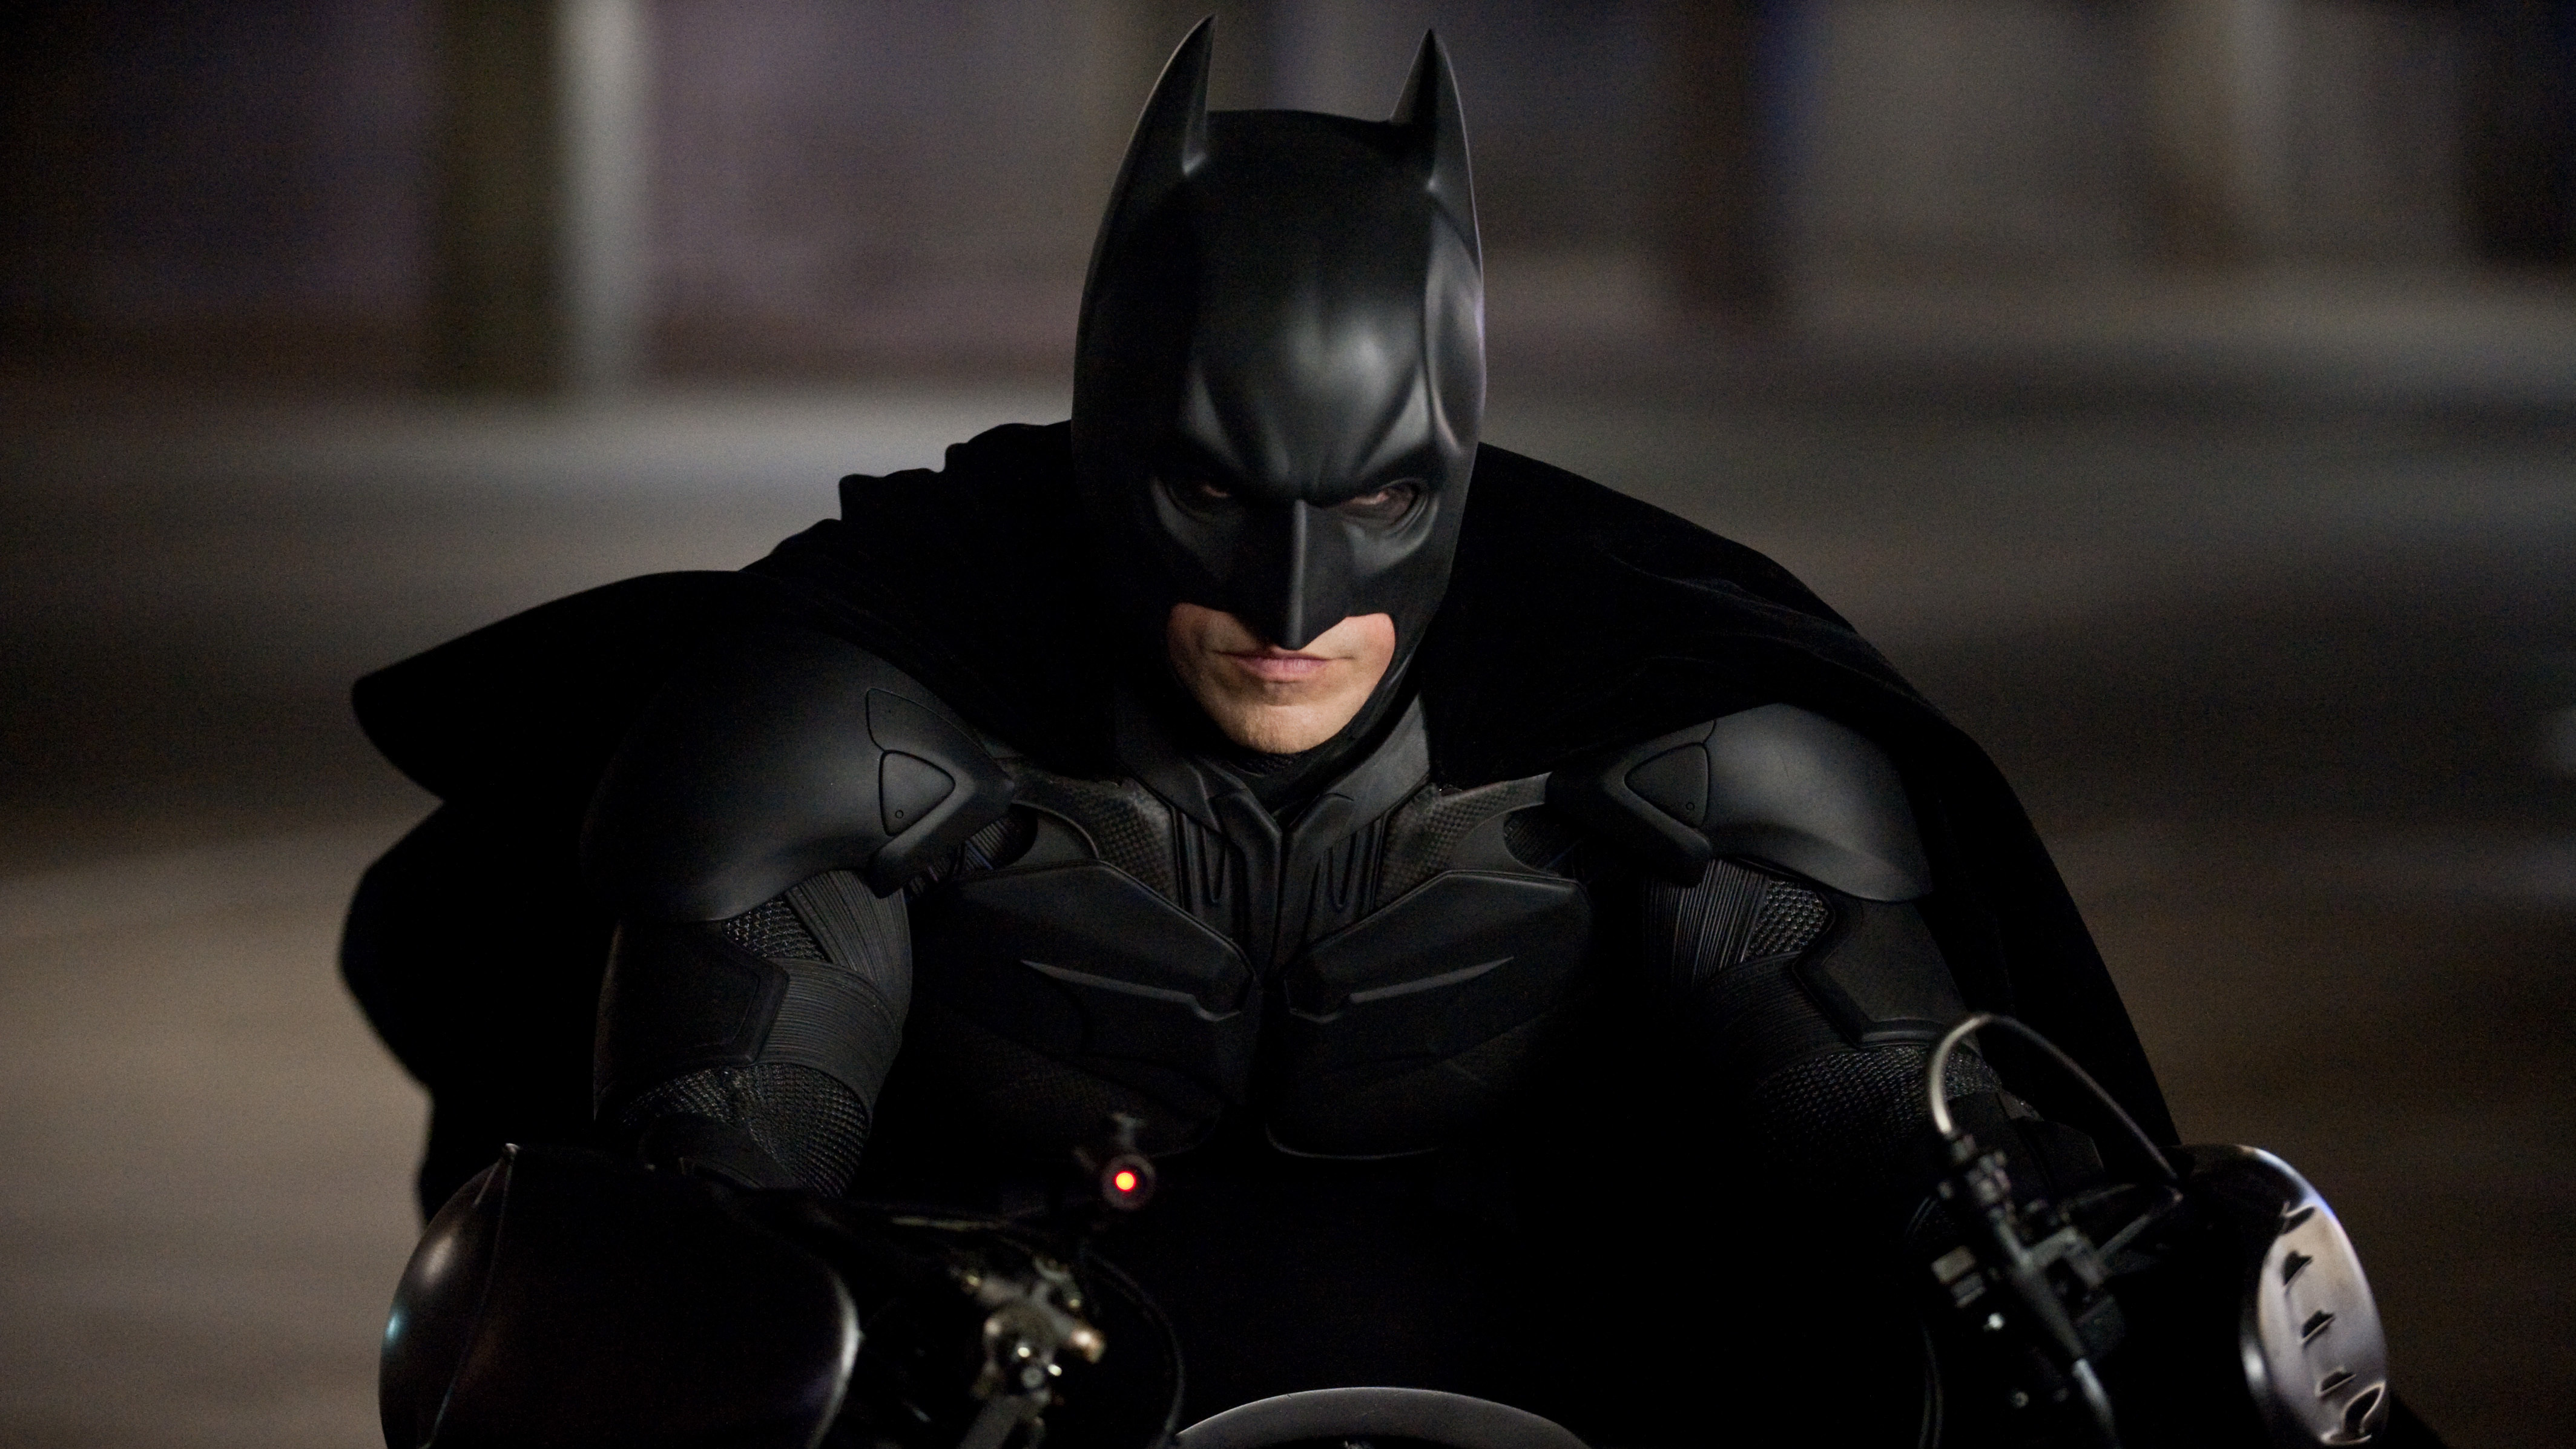 检察官哈维·登特(艾伦·艾克哈特 Aaron Eckhart 饰)死后的八年间,哥谭市在戈登警长(加里·奥德曼 Gary Oldman 饰)的努力下有效地遏制了犯罪活动。而蝙蝠侠布鲁斯·韦恩(克里斯蒂安·贝尔 Christian Bale 饰)因为背负谋杀登特的罪名,被 警方通缉,在哥谭市销声匿迹。然而,这看似平静的状态被恐怖分子贝恩(汤姆·哈迪 Tom Hardy 饰)的出现打破,他利用猫女(安妮·海瑟薇 Anne Hathaway 饰)偷取布鲁斯的指纹,致使韦恩集团面临破财,布鲁斯被赶出董事会。为了保证韦恩集团投资的能源项目不被坏人利用制造核弹,布鲁斯帮助米兰达(玛丽昂·歌迪亚 Marion Cotillard 饰)成为董事会主席。贝恩接下来一连串精密设计的计划将哥谭市陷入孤绝之境,毁灭之日指日可待。布鲁斯只能再次肩负起拯救哥谭的重任,然而至亲的管家阿福辞职离开、猫女的背叛、贝恩的凶残手段,爱人米拉达的真实面目露出,都让他拯救哥谭的行动变得不可能……[非常影院] 欢迎观看